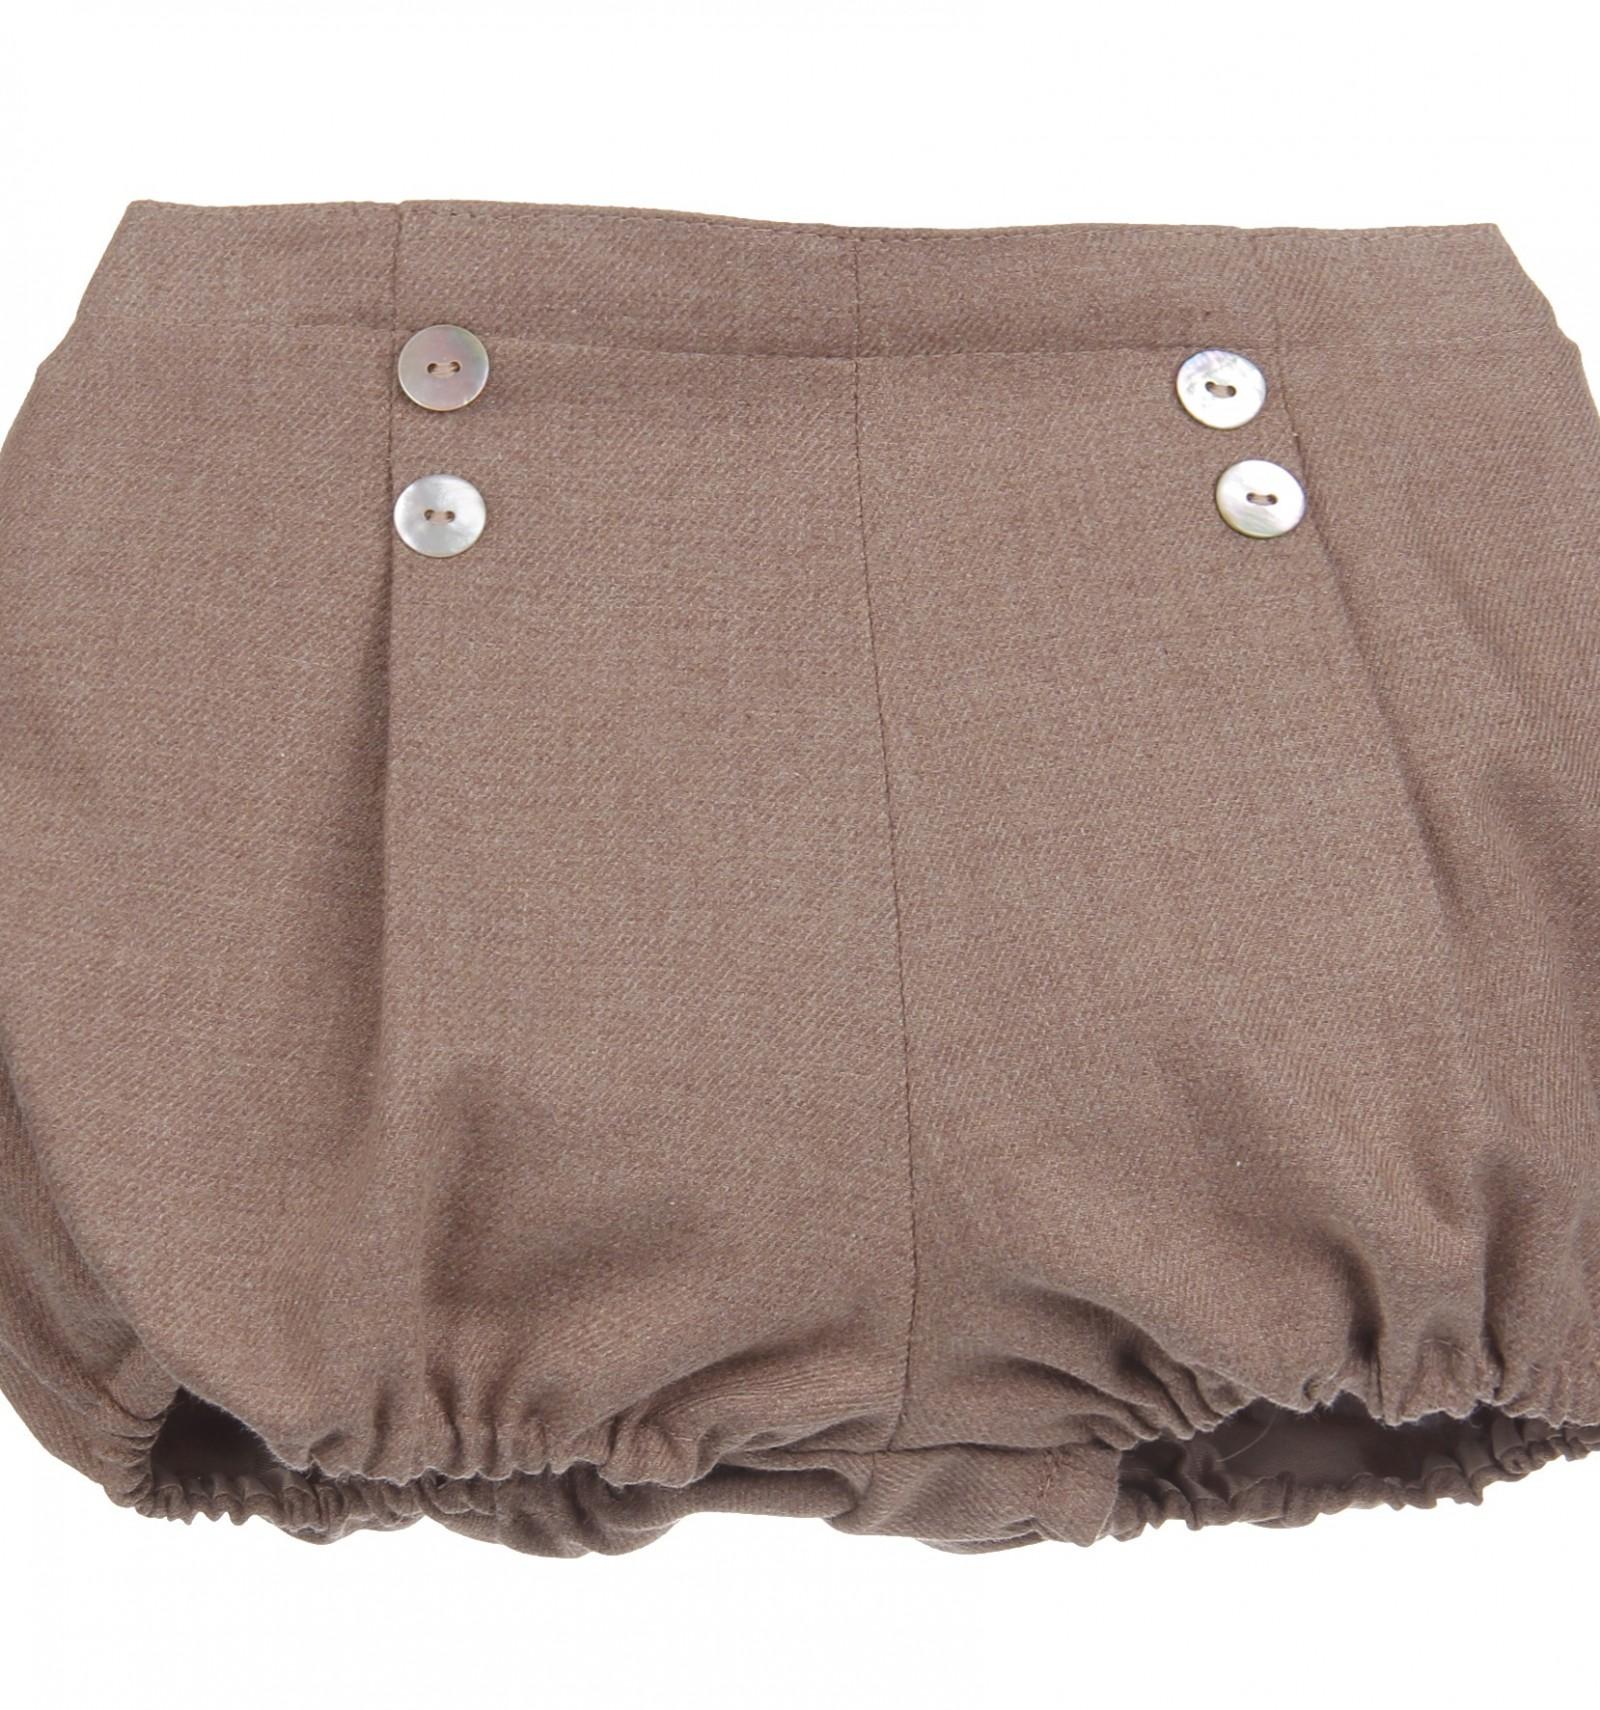 1a206eba1 Ranita para bebé marrón ajustada en la cadera con botones